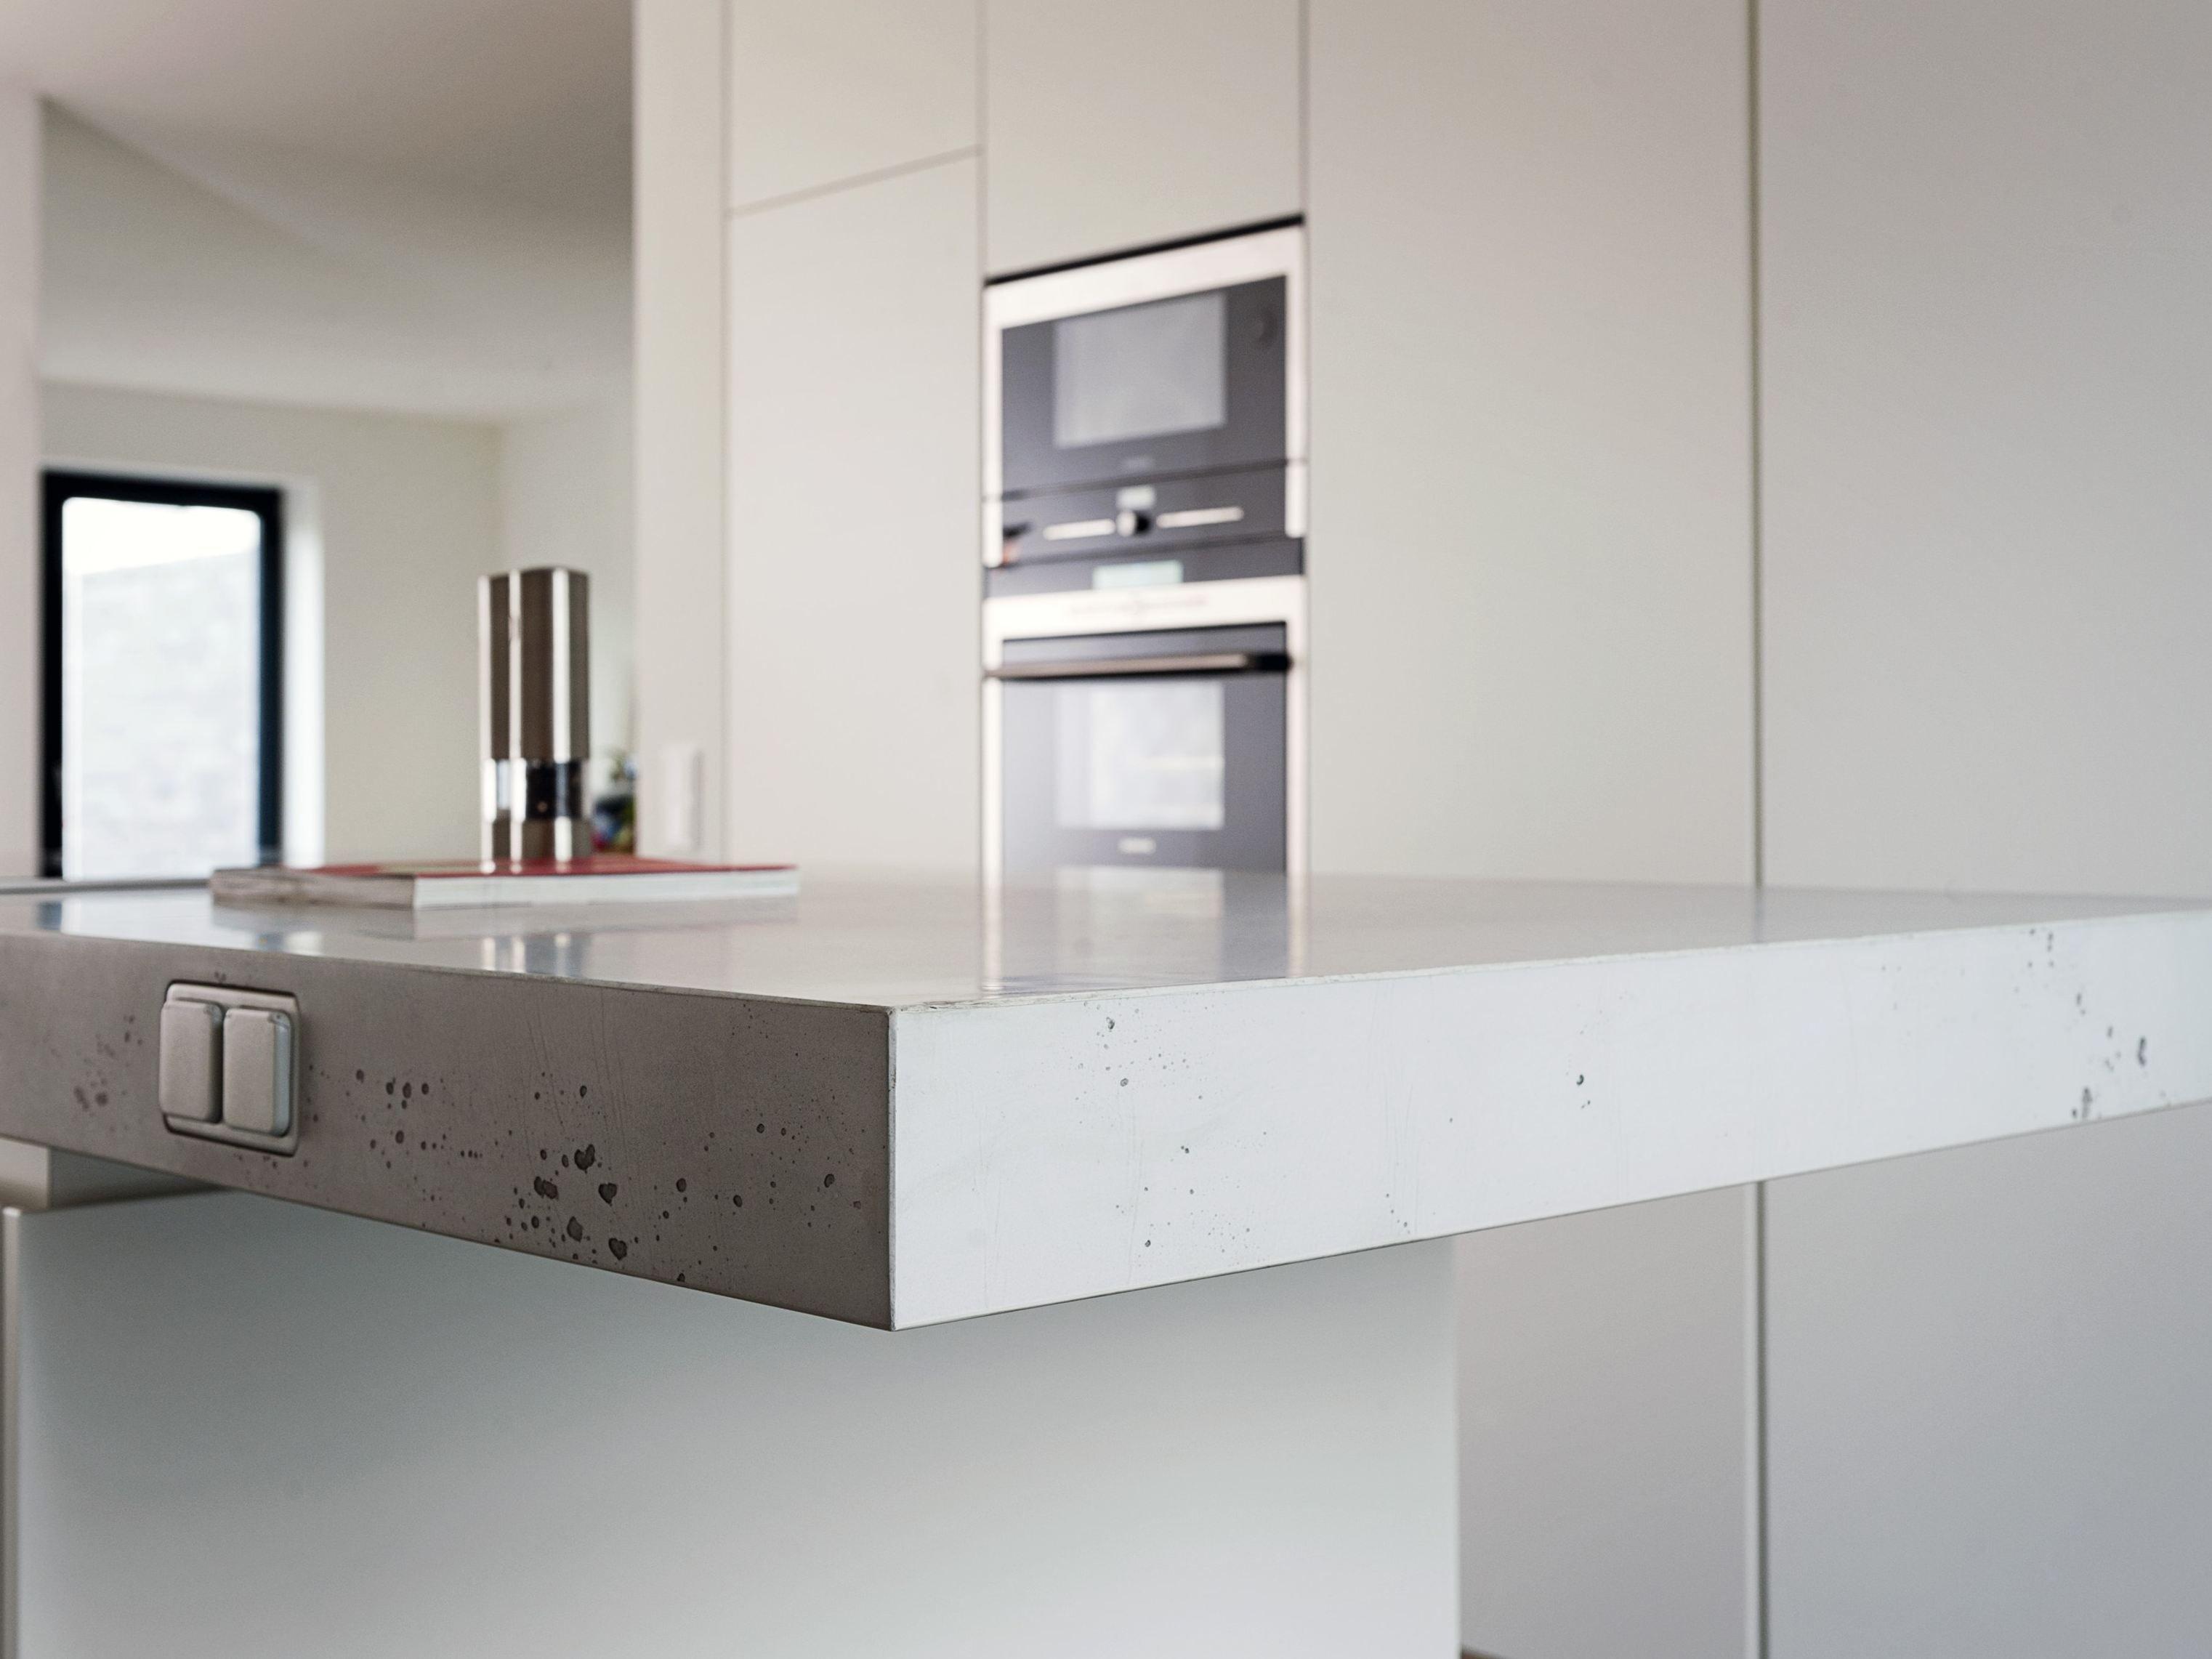 Encimera de cocina de madera contrachapada imi plus by for Encimeras de madera para cocinas